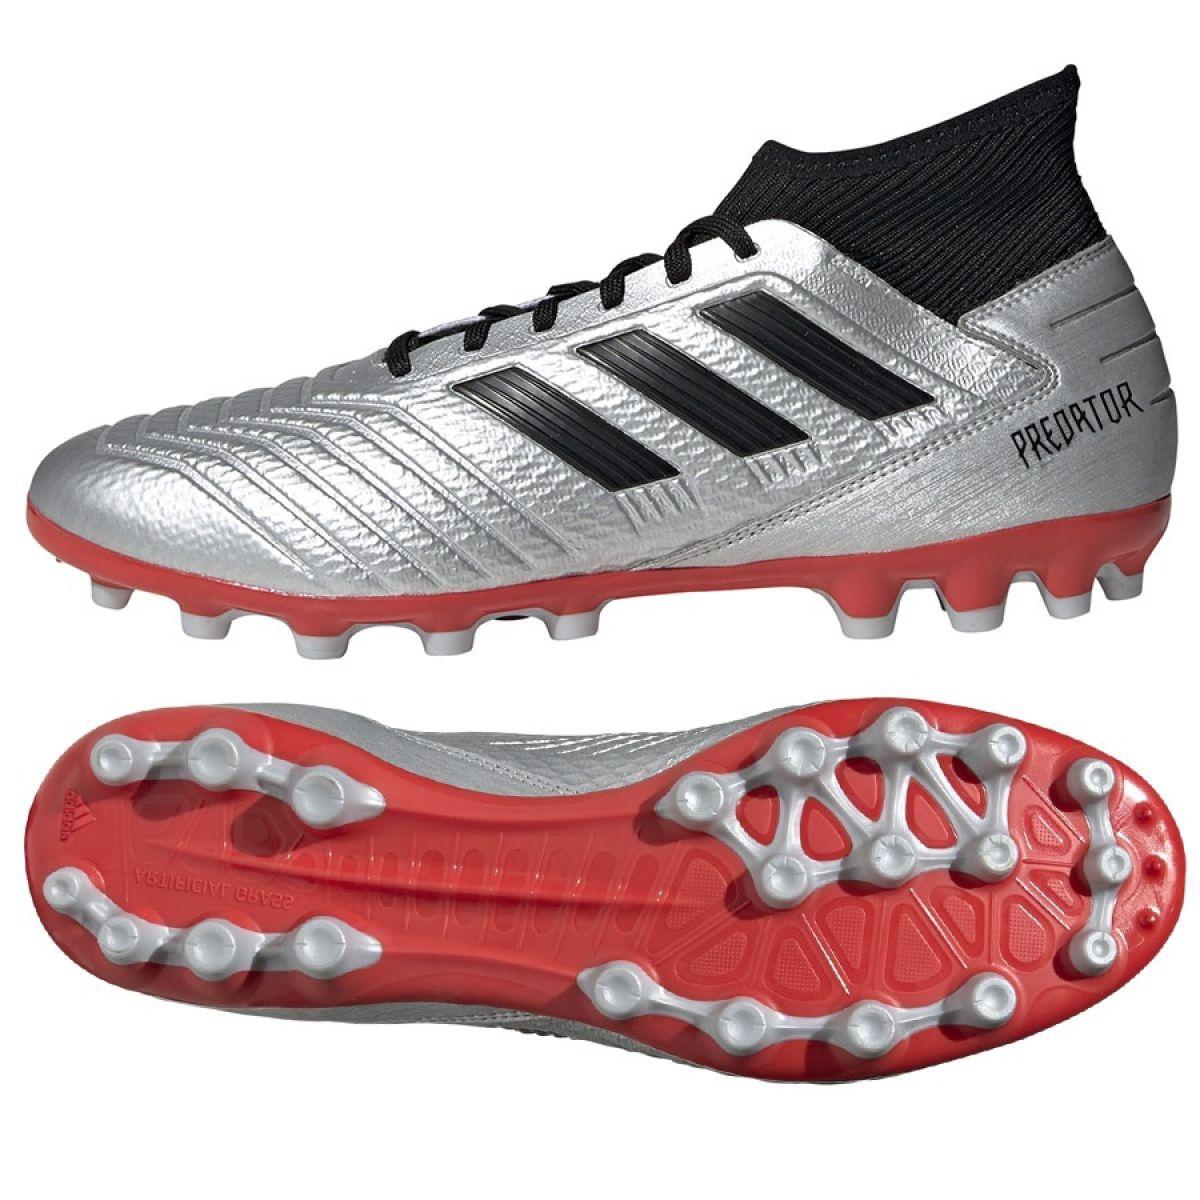 Dettagli su Scarpe da calcio adidas Predator 19.3 Ag M F99989 argento nero, grigio argento